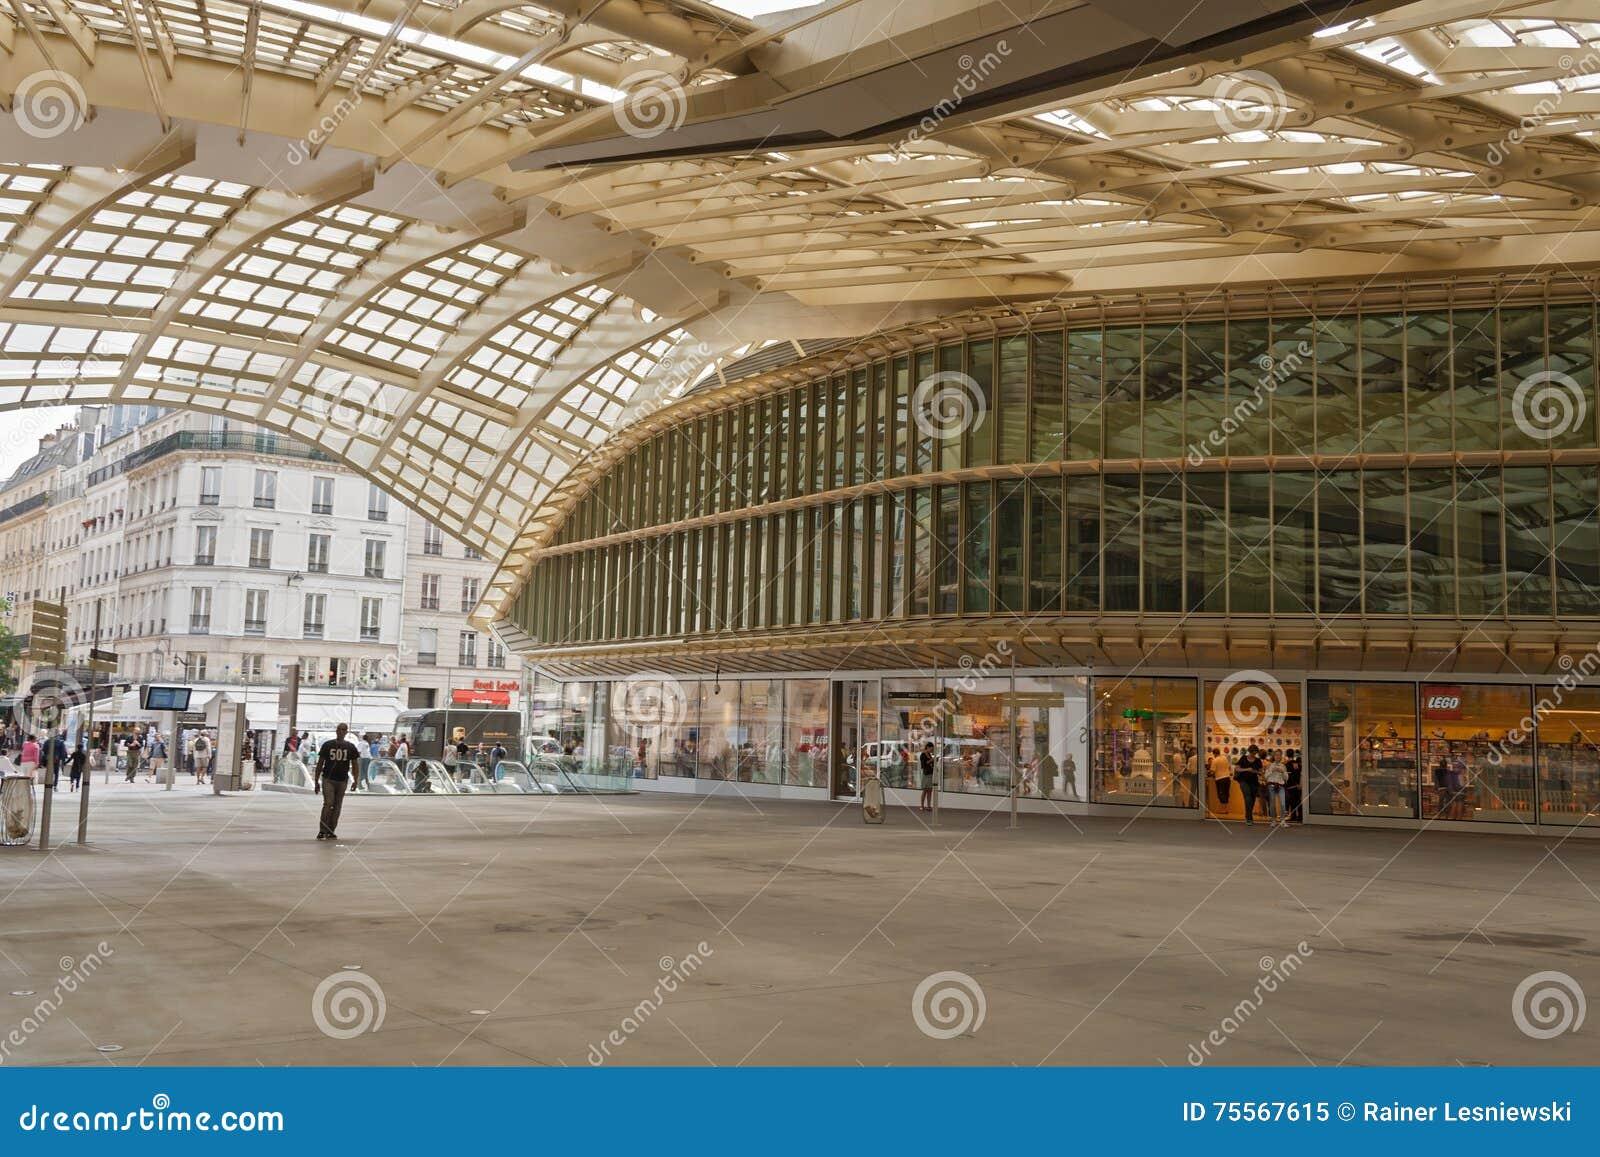 Entrance and canopy forum les halles in paris editorial image image of halles forum 75567615 - Forum des halles dimanche ...